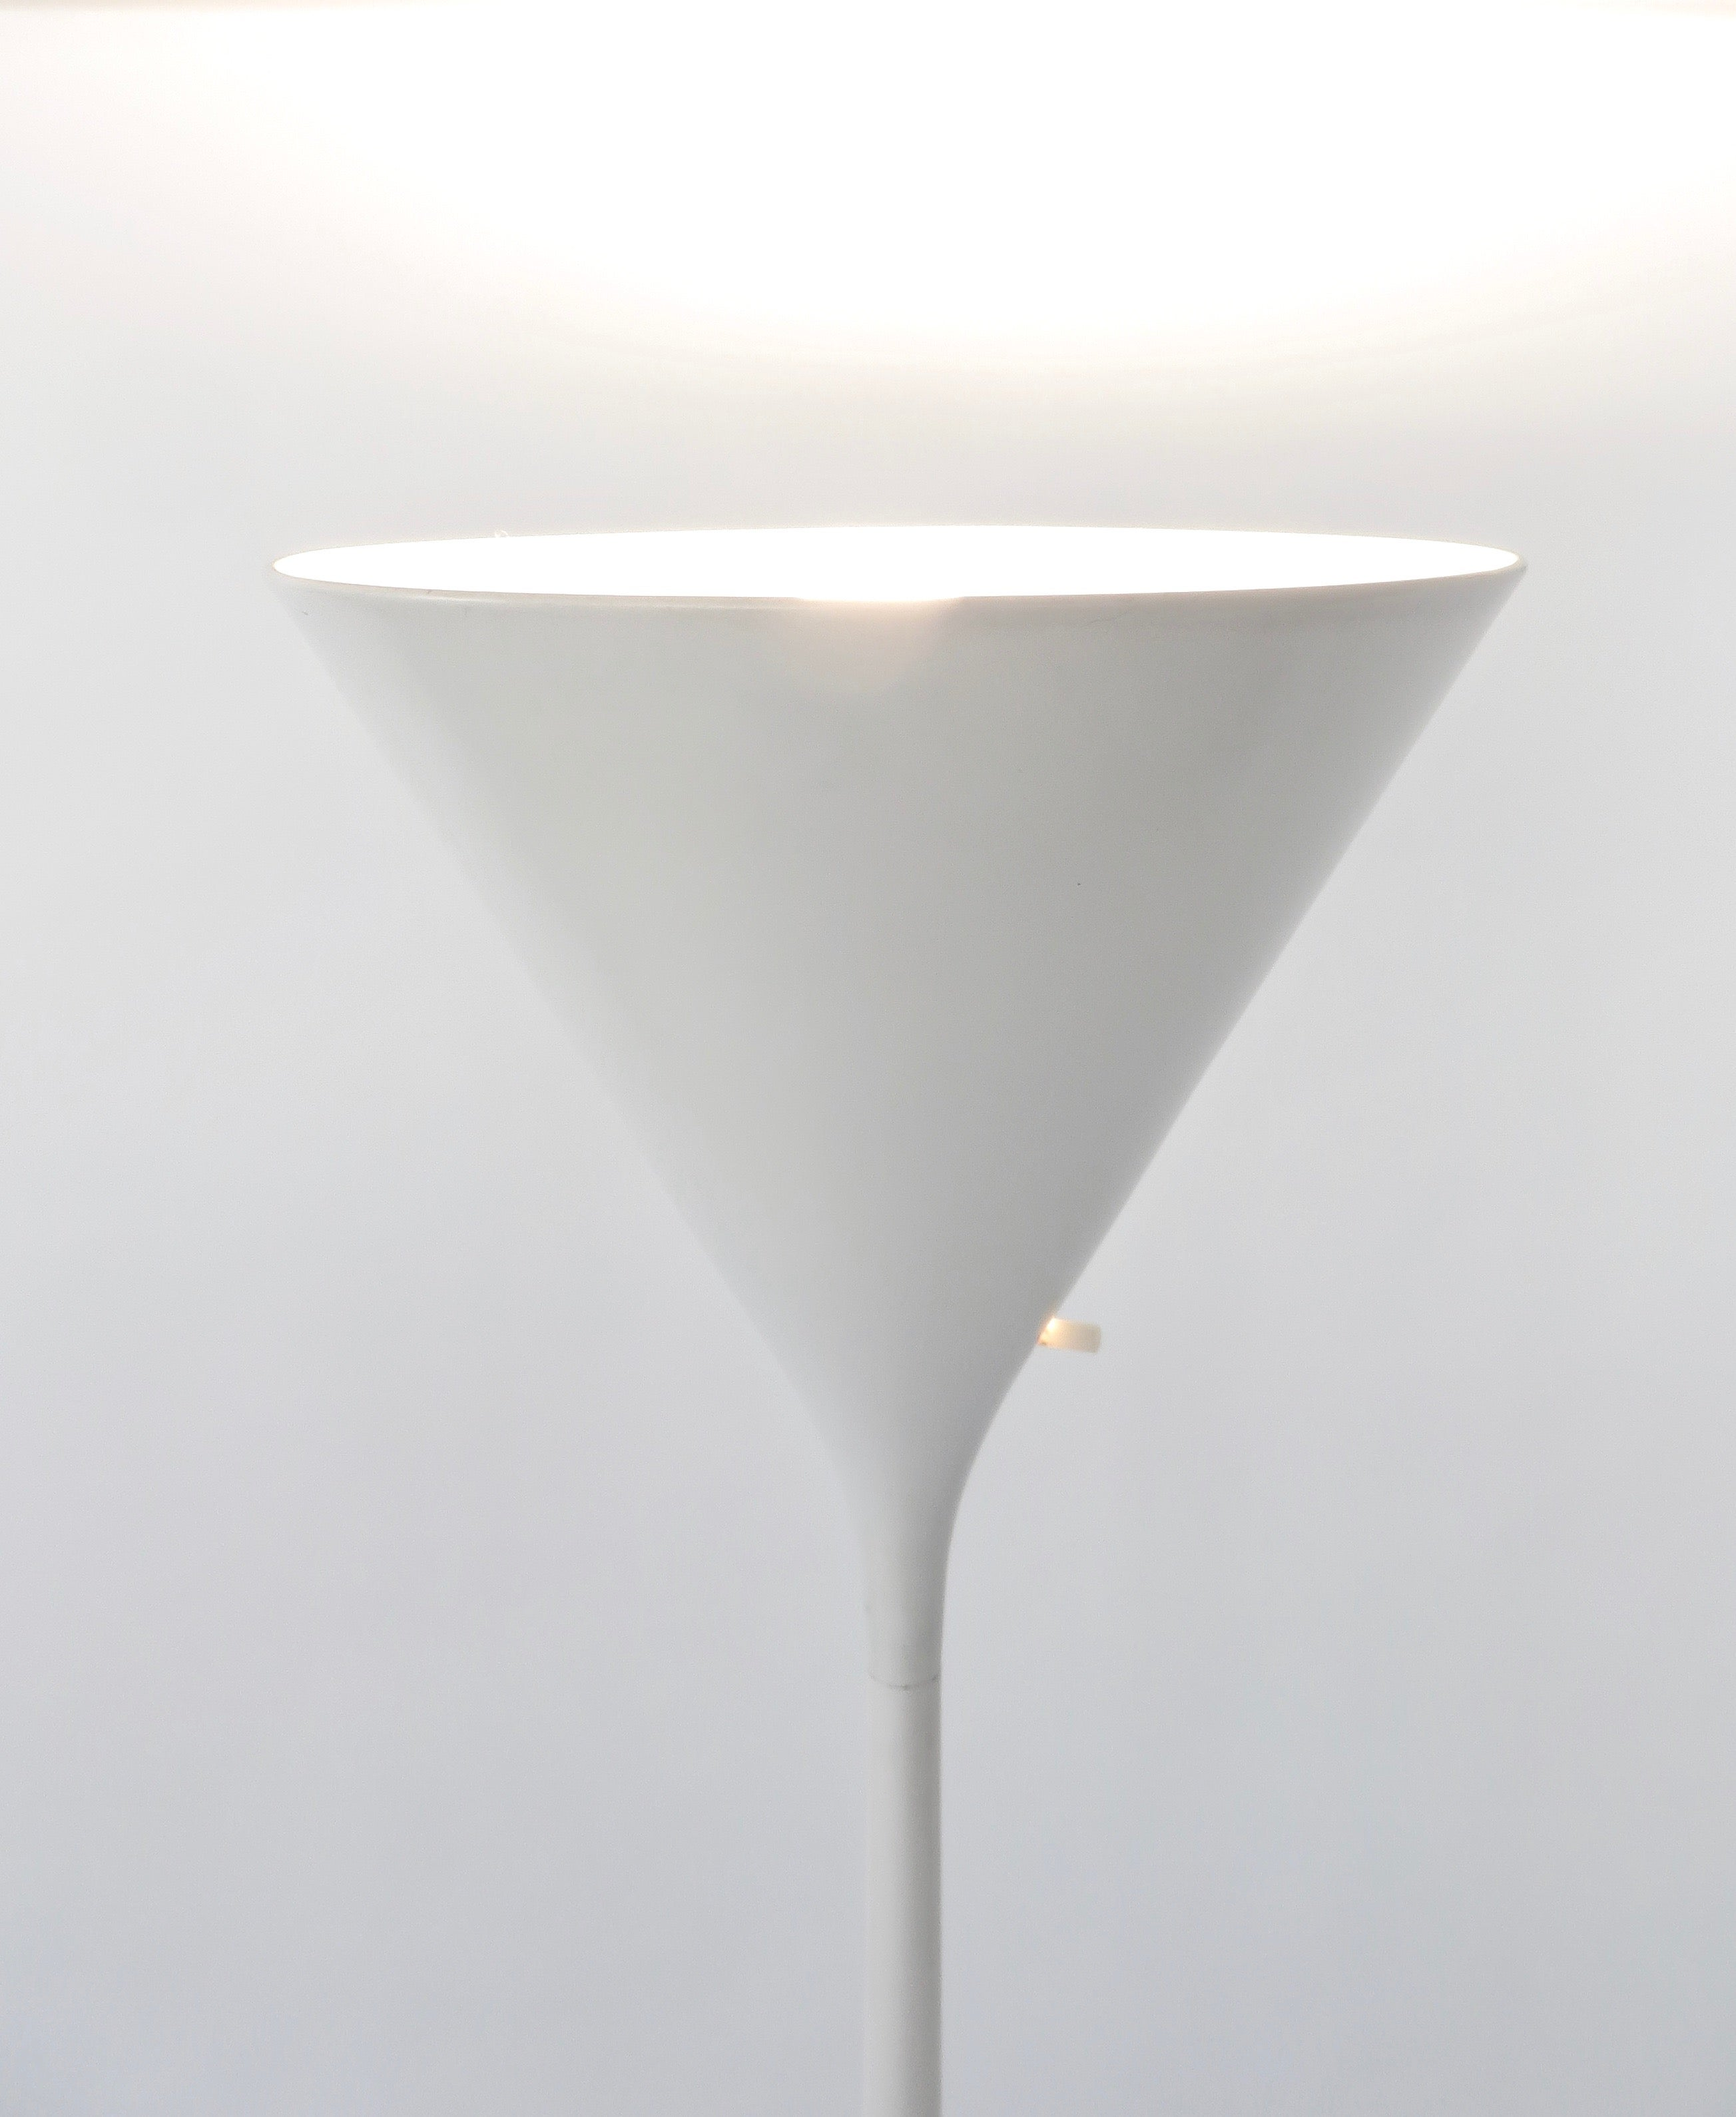 Walter Von Nessen Minimalist Lacquered White Aluminum Torchiere Floor Lamp